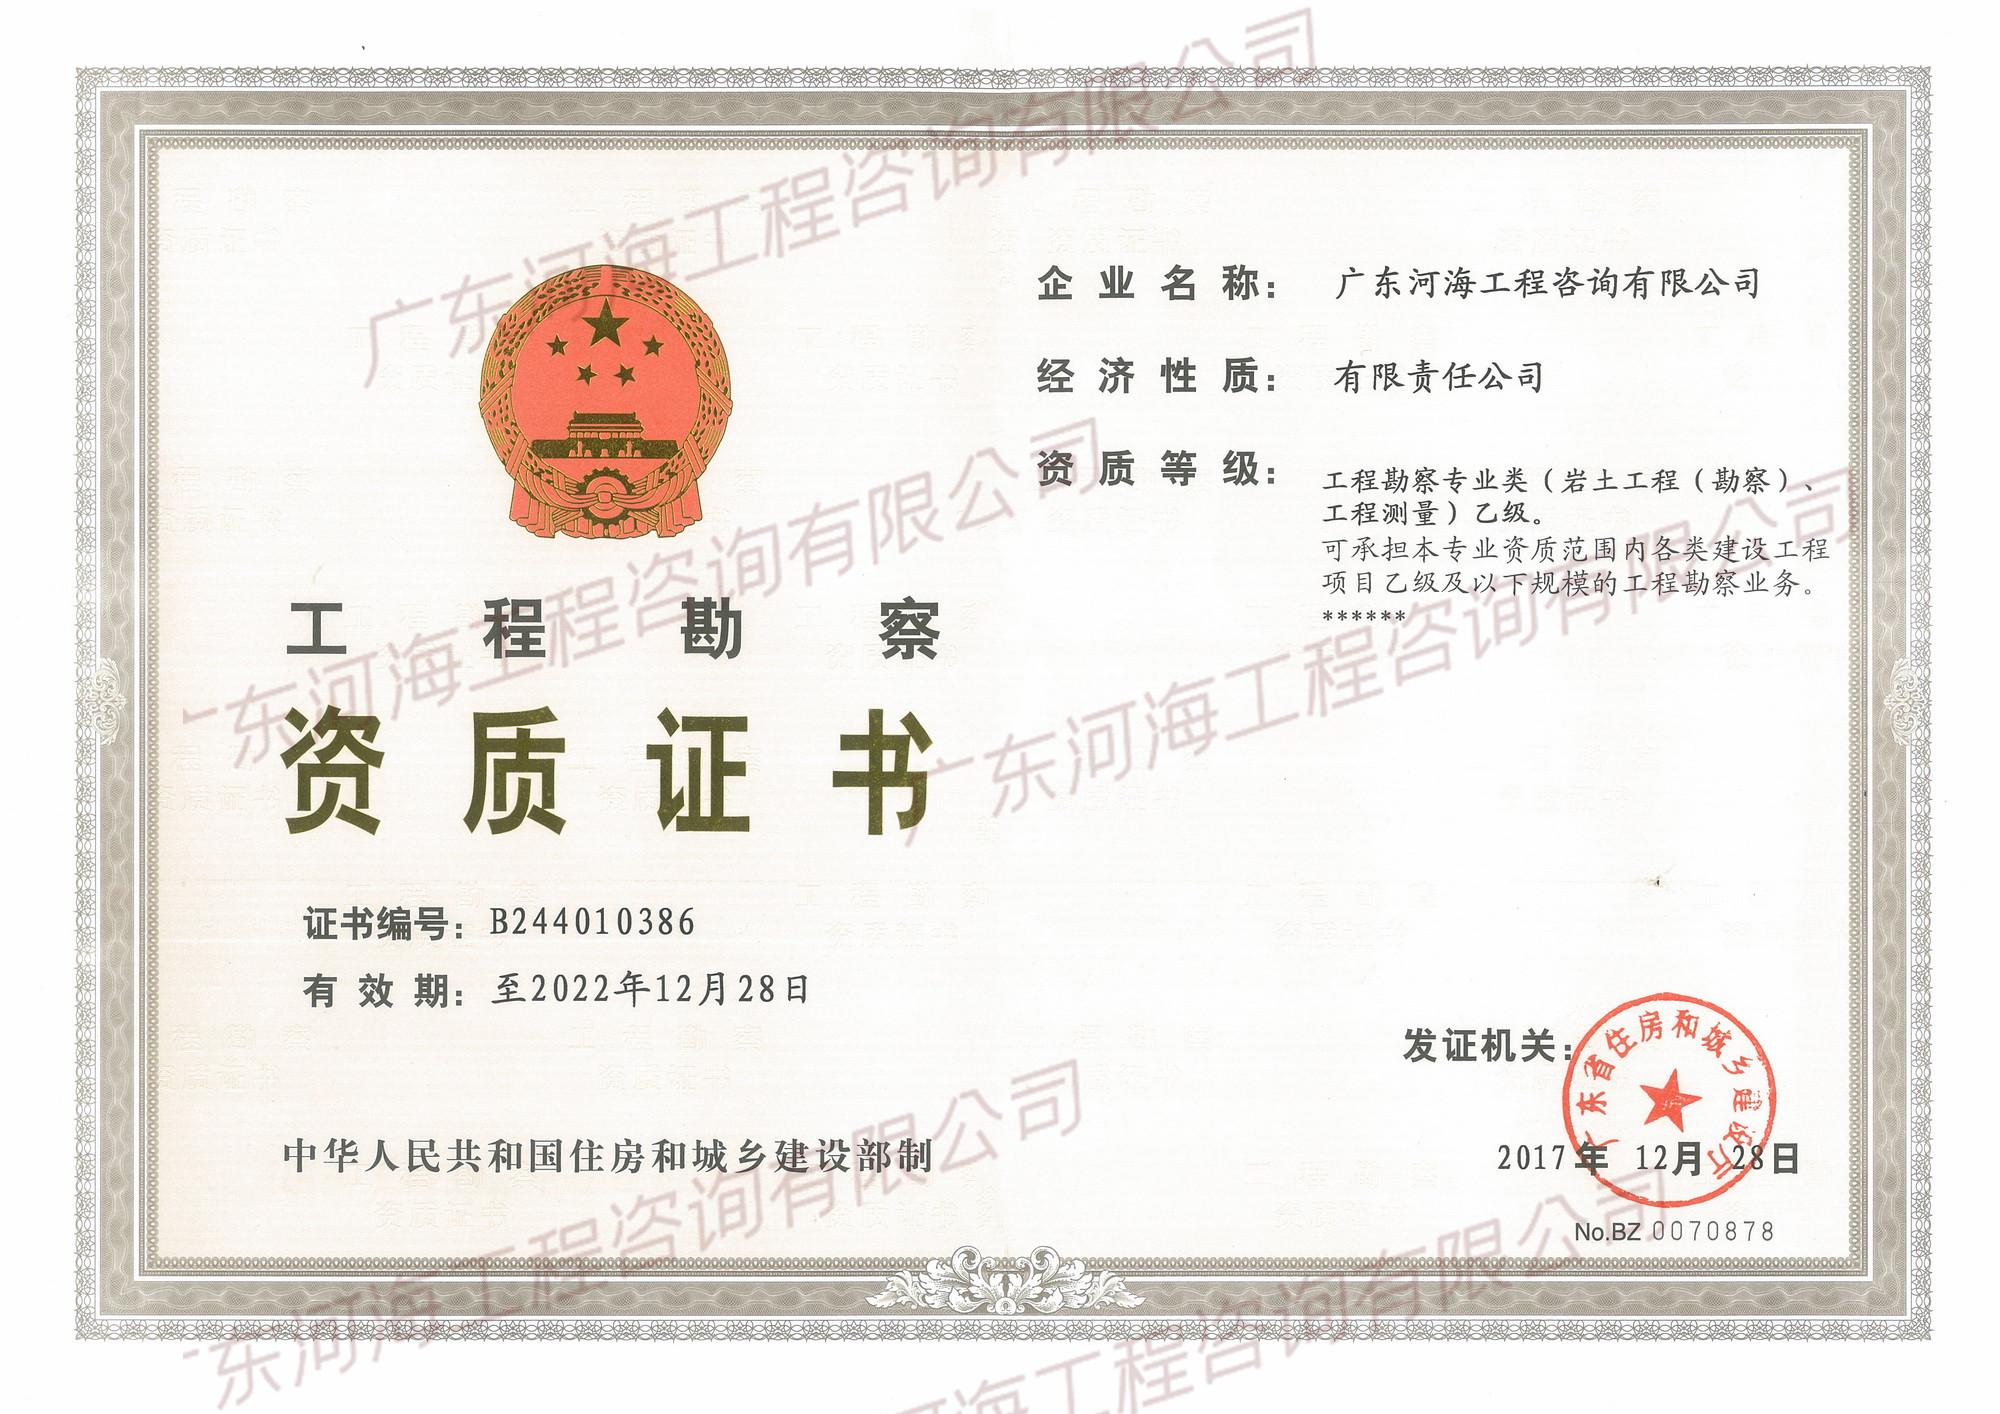 亚博平台网站勘察乙级资质亚博体育app官方下载地址